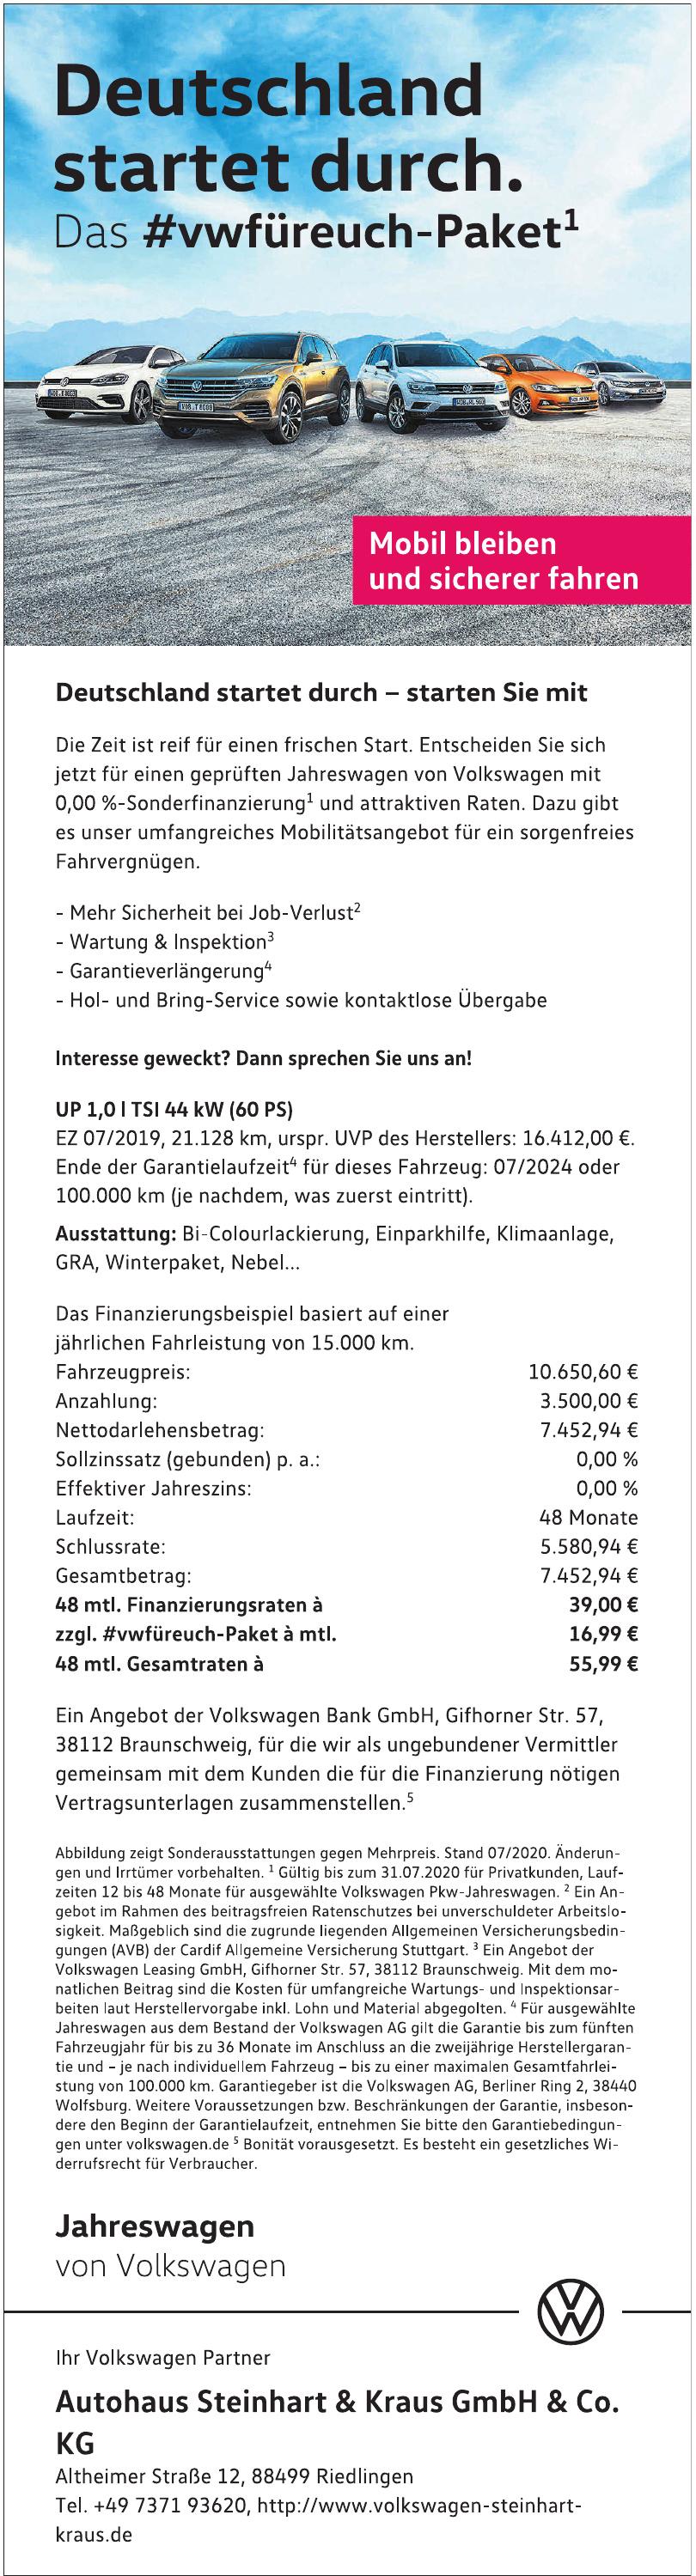 Autohaus Steinhart & Kraus GmbH & Co. KG